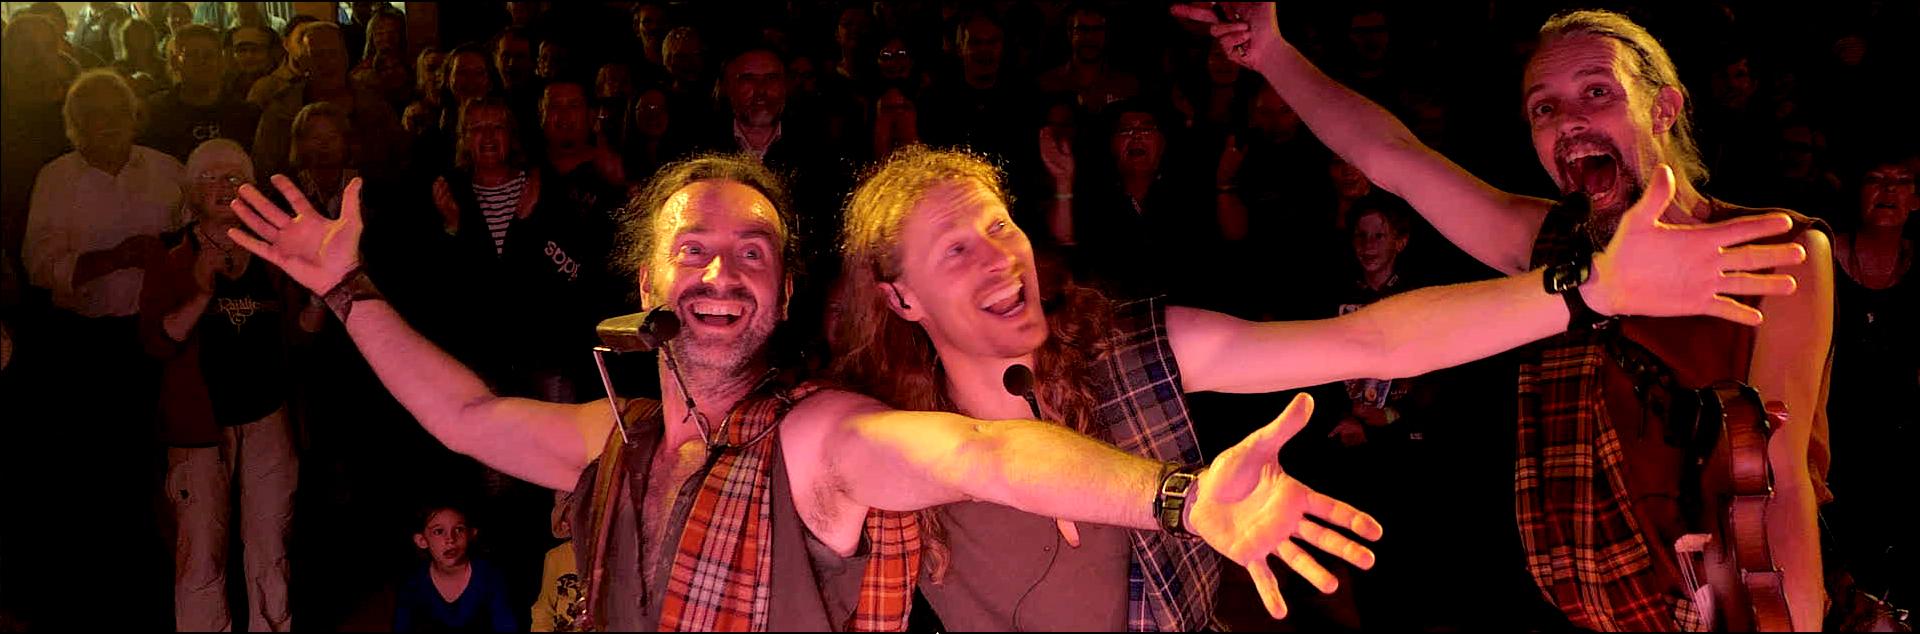 T-Rapalje-performs-at-Hallig-Langeness,-Kultur-auf-den-Halligen